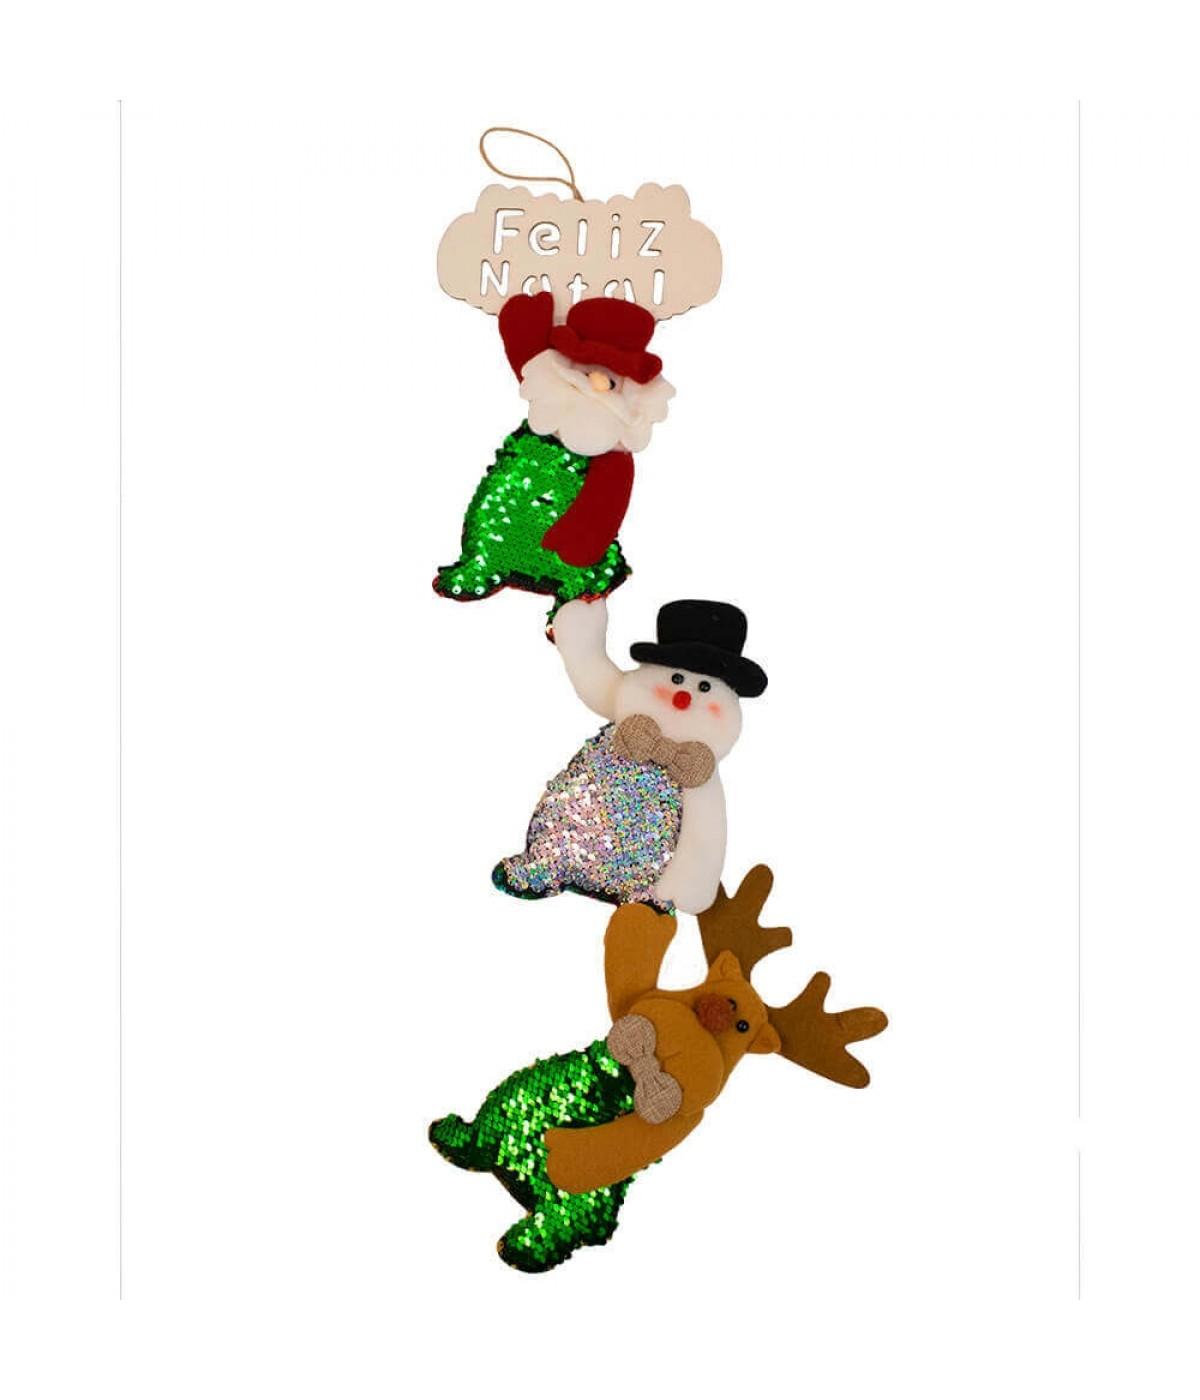 Placa Feliz Natal 3 Bonecos 62cm - Enfeite Natalino